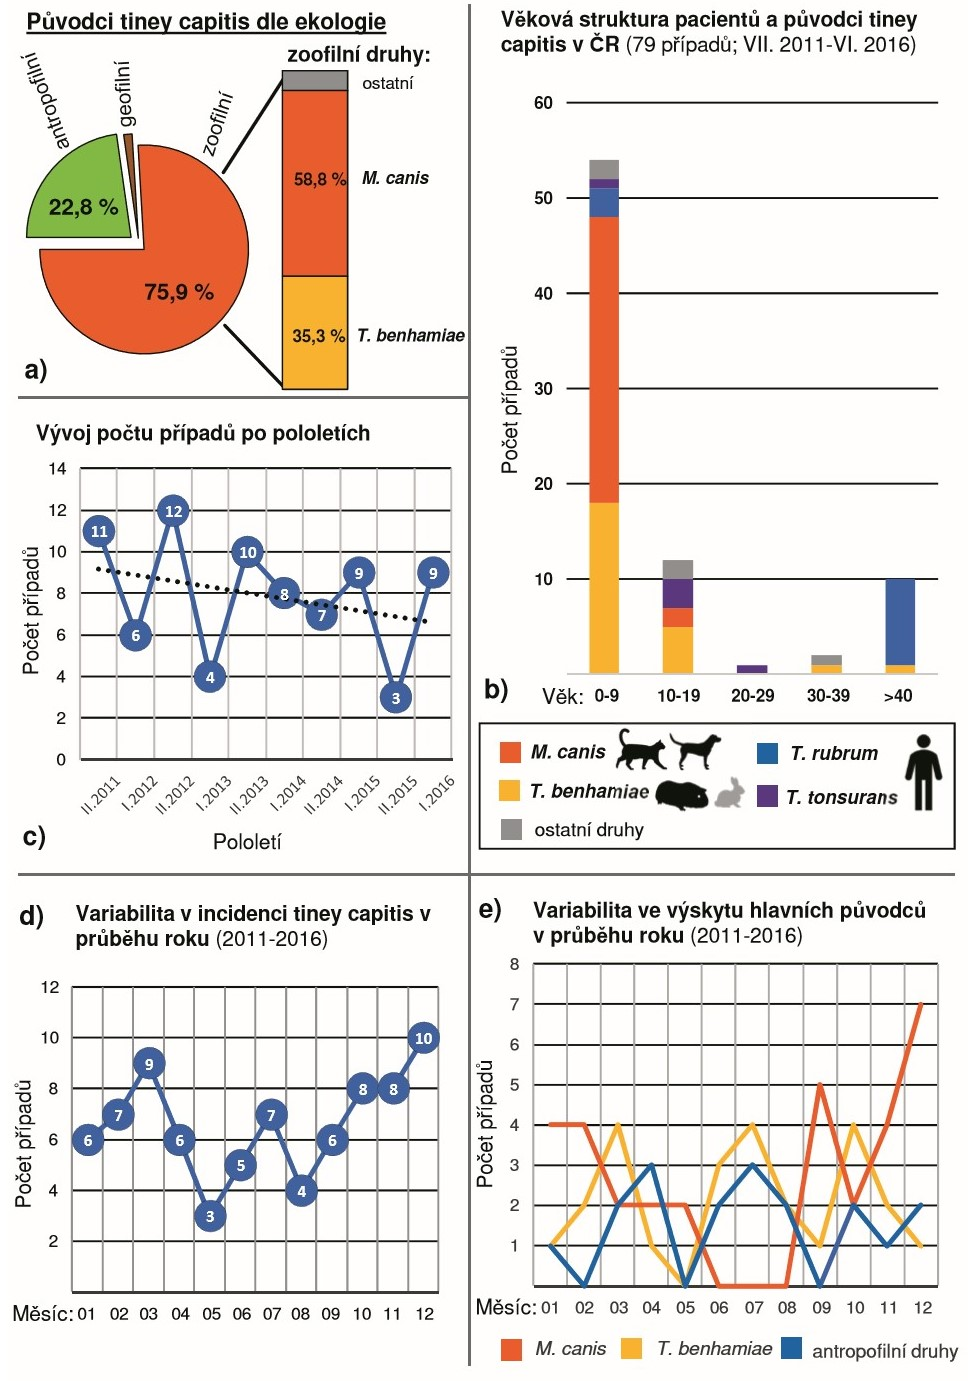 Epidemiologická analýza 79 případů tiney capitis diagnostikovaných během pětileté studie (VII. 2011 až VI. 2016)